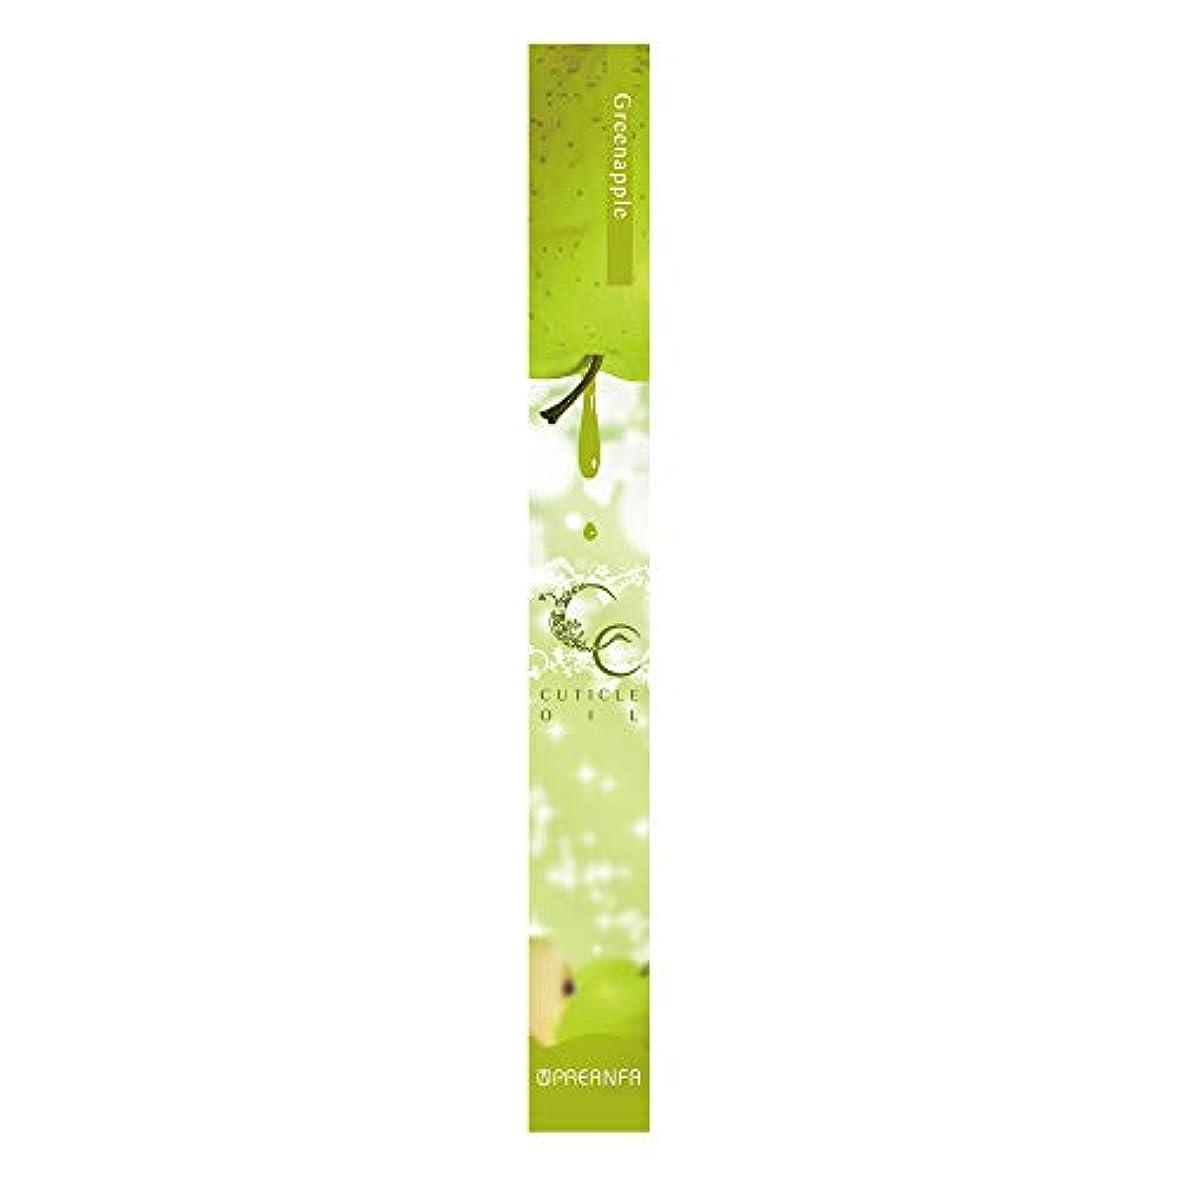 食器棚霧険しいプリジェル ジェルネイル CCキューティクルオイル グリーンアップル 4.5g 保湿オイル ペンタイプ